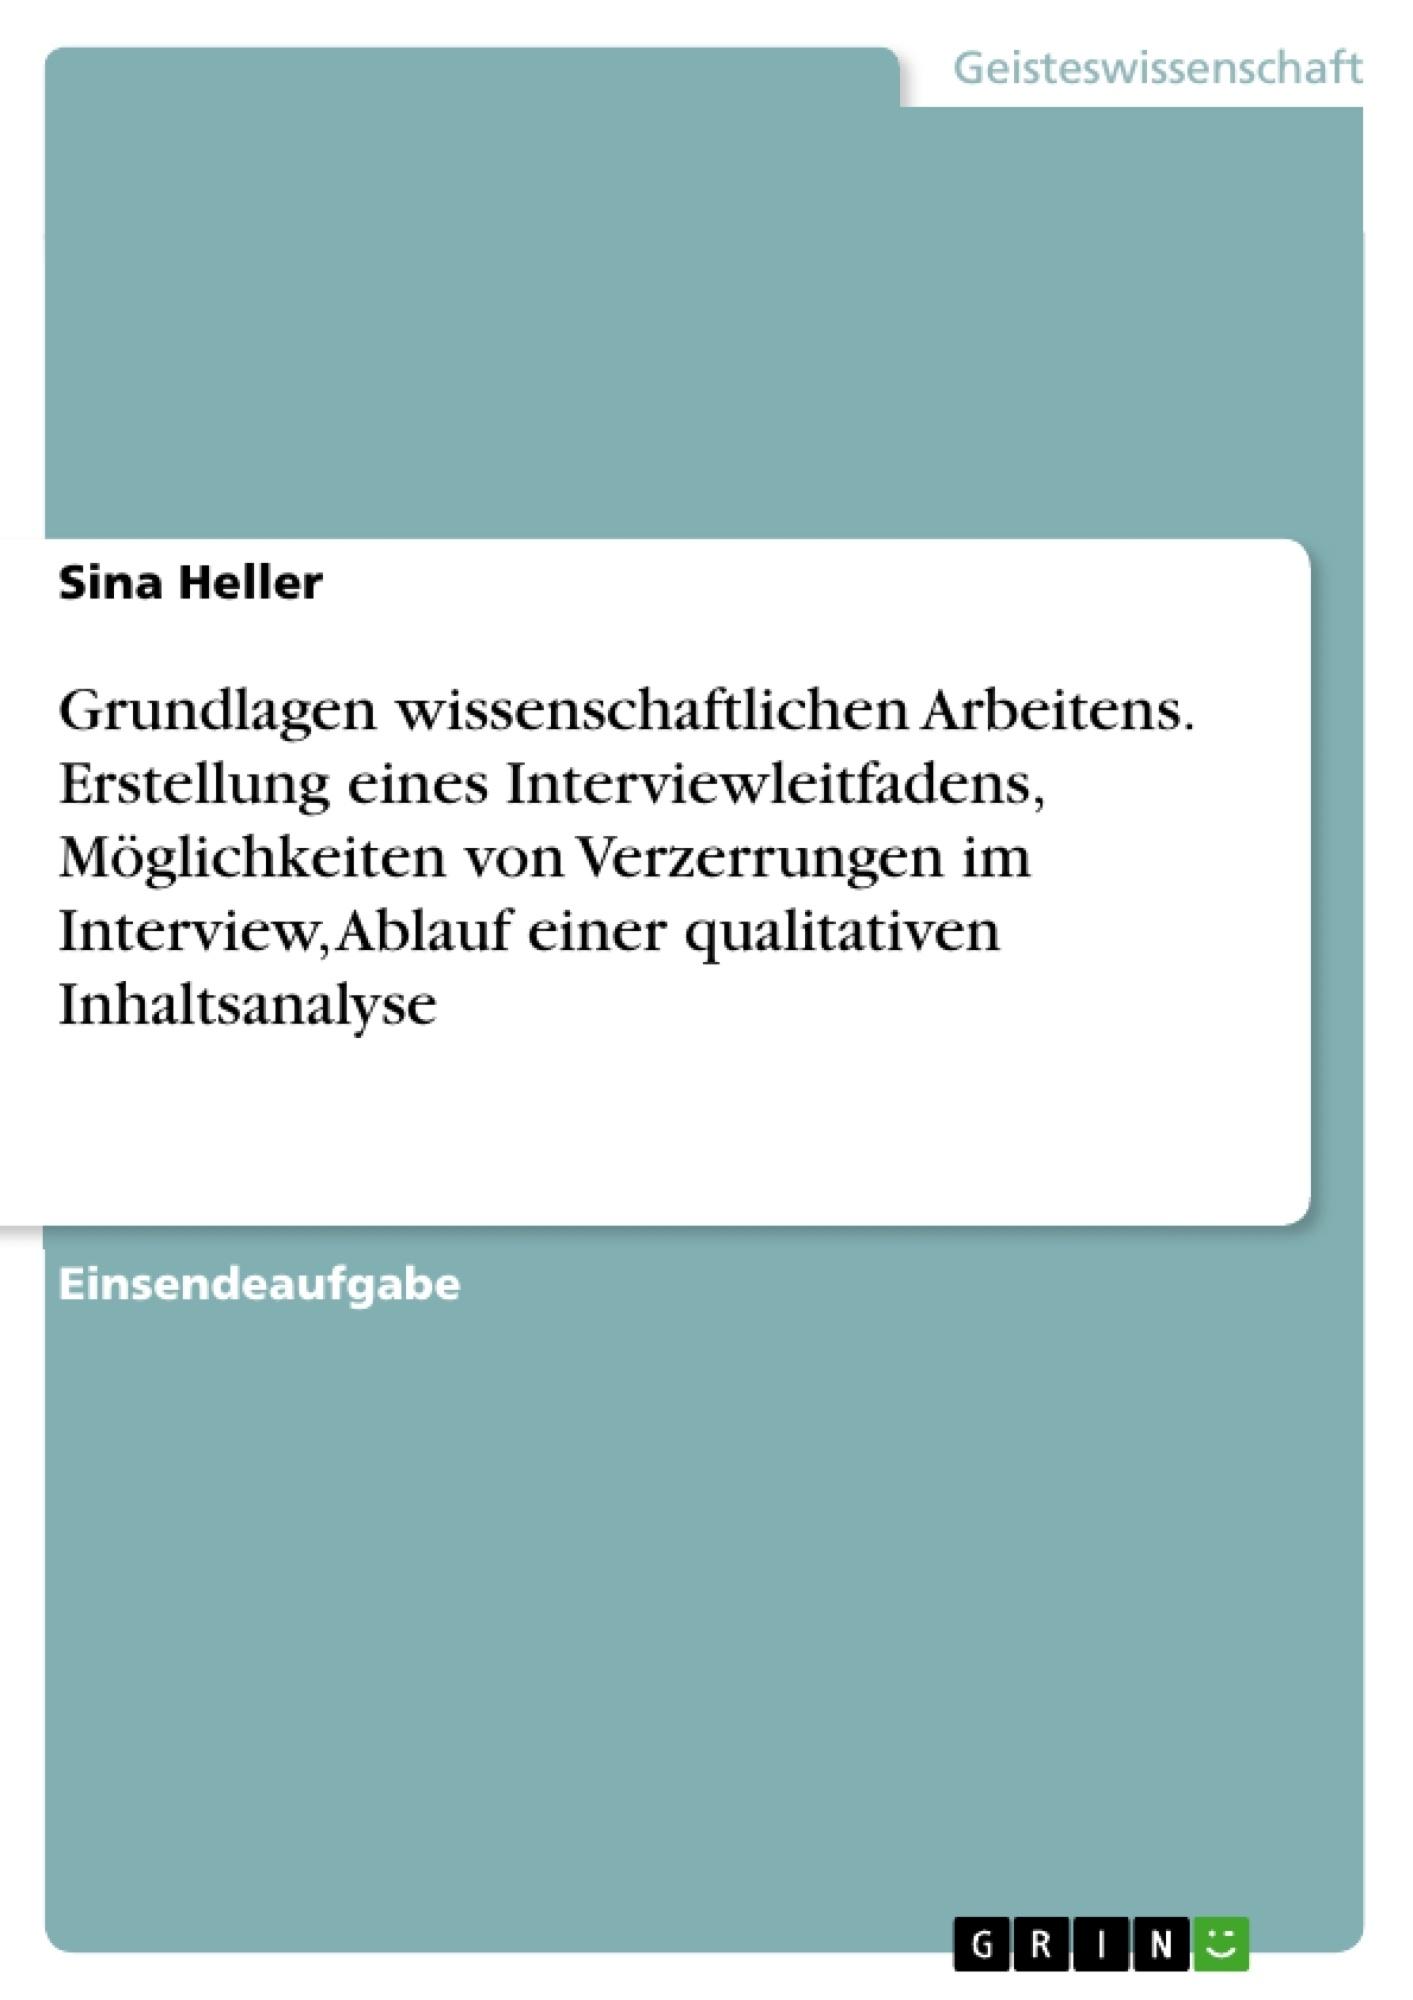 Titel: Grundlagen wissenschaftlichen Arbeitens. Erstellung eines Interviewleitfadens, Möglichkeiten von Verzerrungen im Interview, Ablauf einer qualitativen Inhaltsanalyse